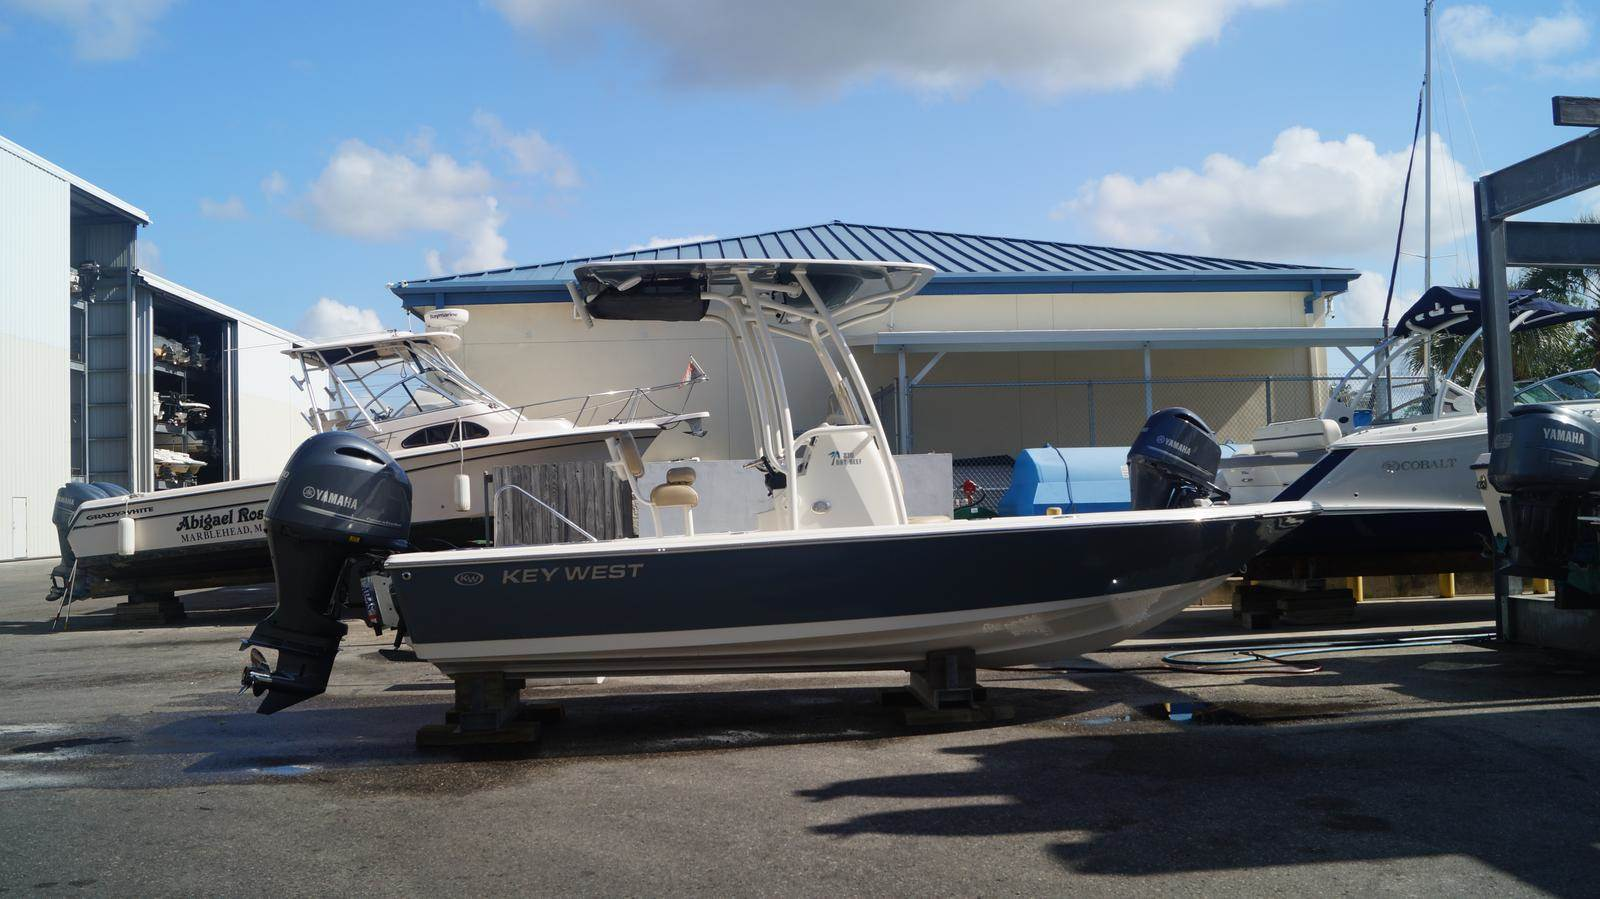 NEW 2019 Key West Boats, Inc. 210 BR - Sara Bay Marina